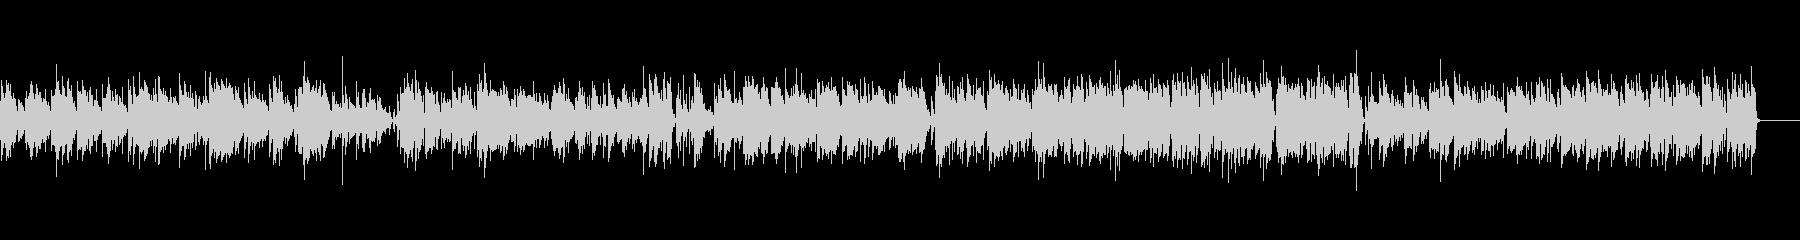 ヴィヴァルディのボサノバ風アレンジの未再生の波形